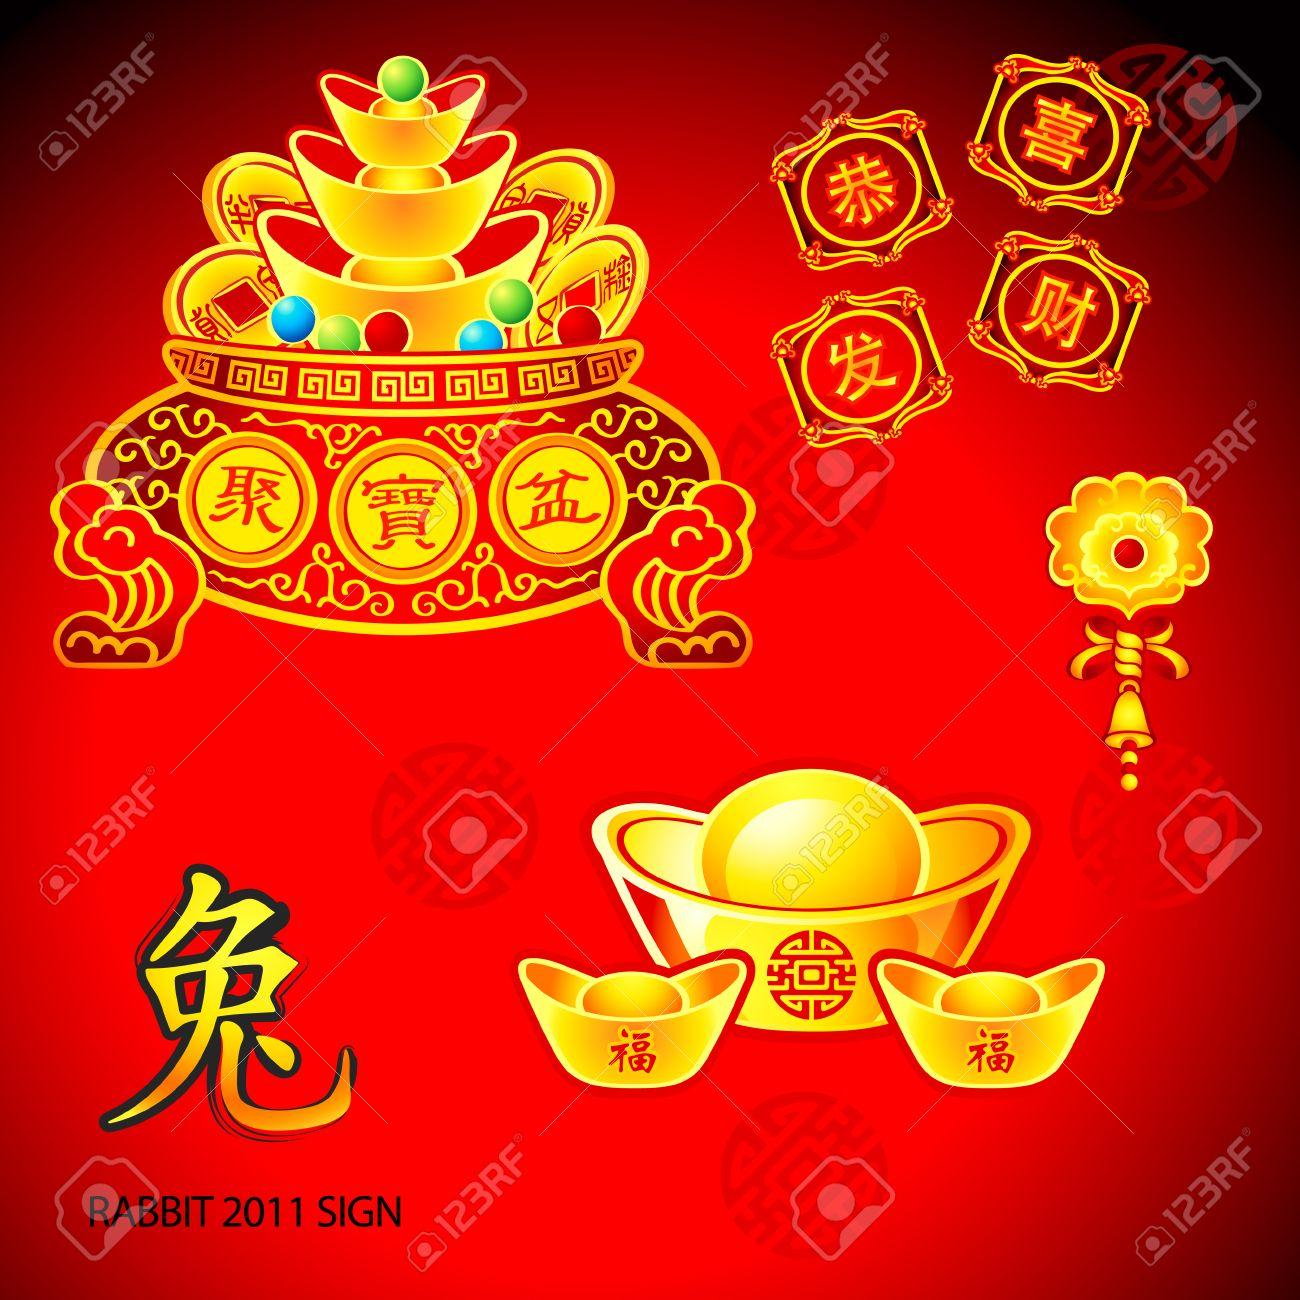 Chinese New Year Dekoration Elemente: Gold, Lucky Münzen, Wünsche ...